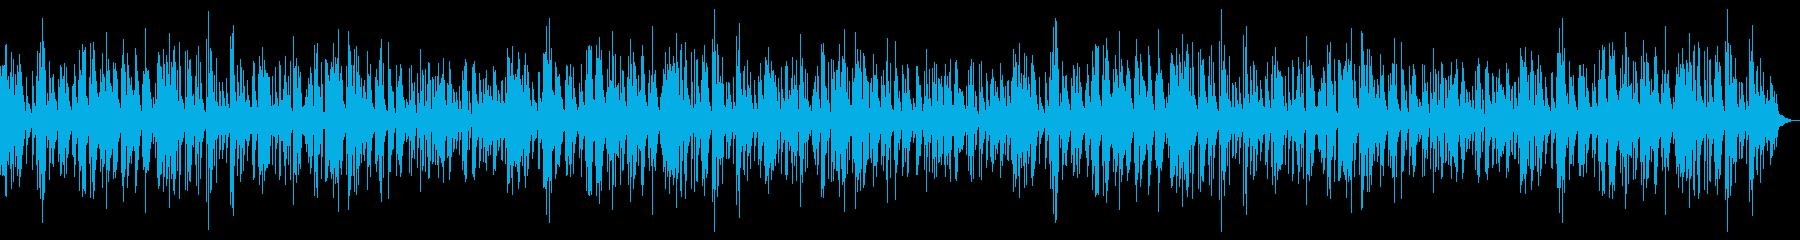 まったり ピアノジャズ の再生済みの波形